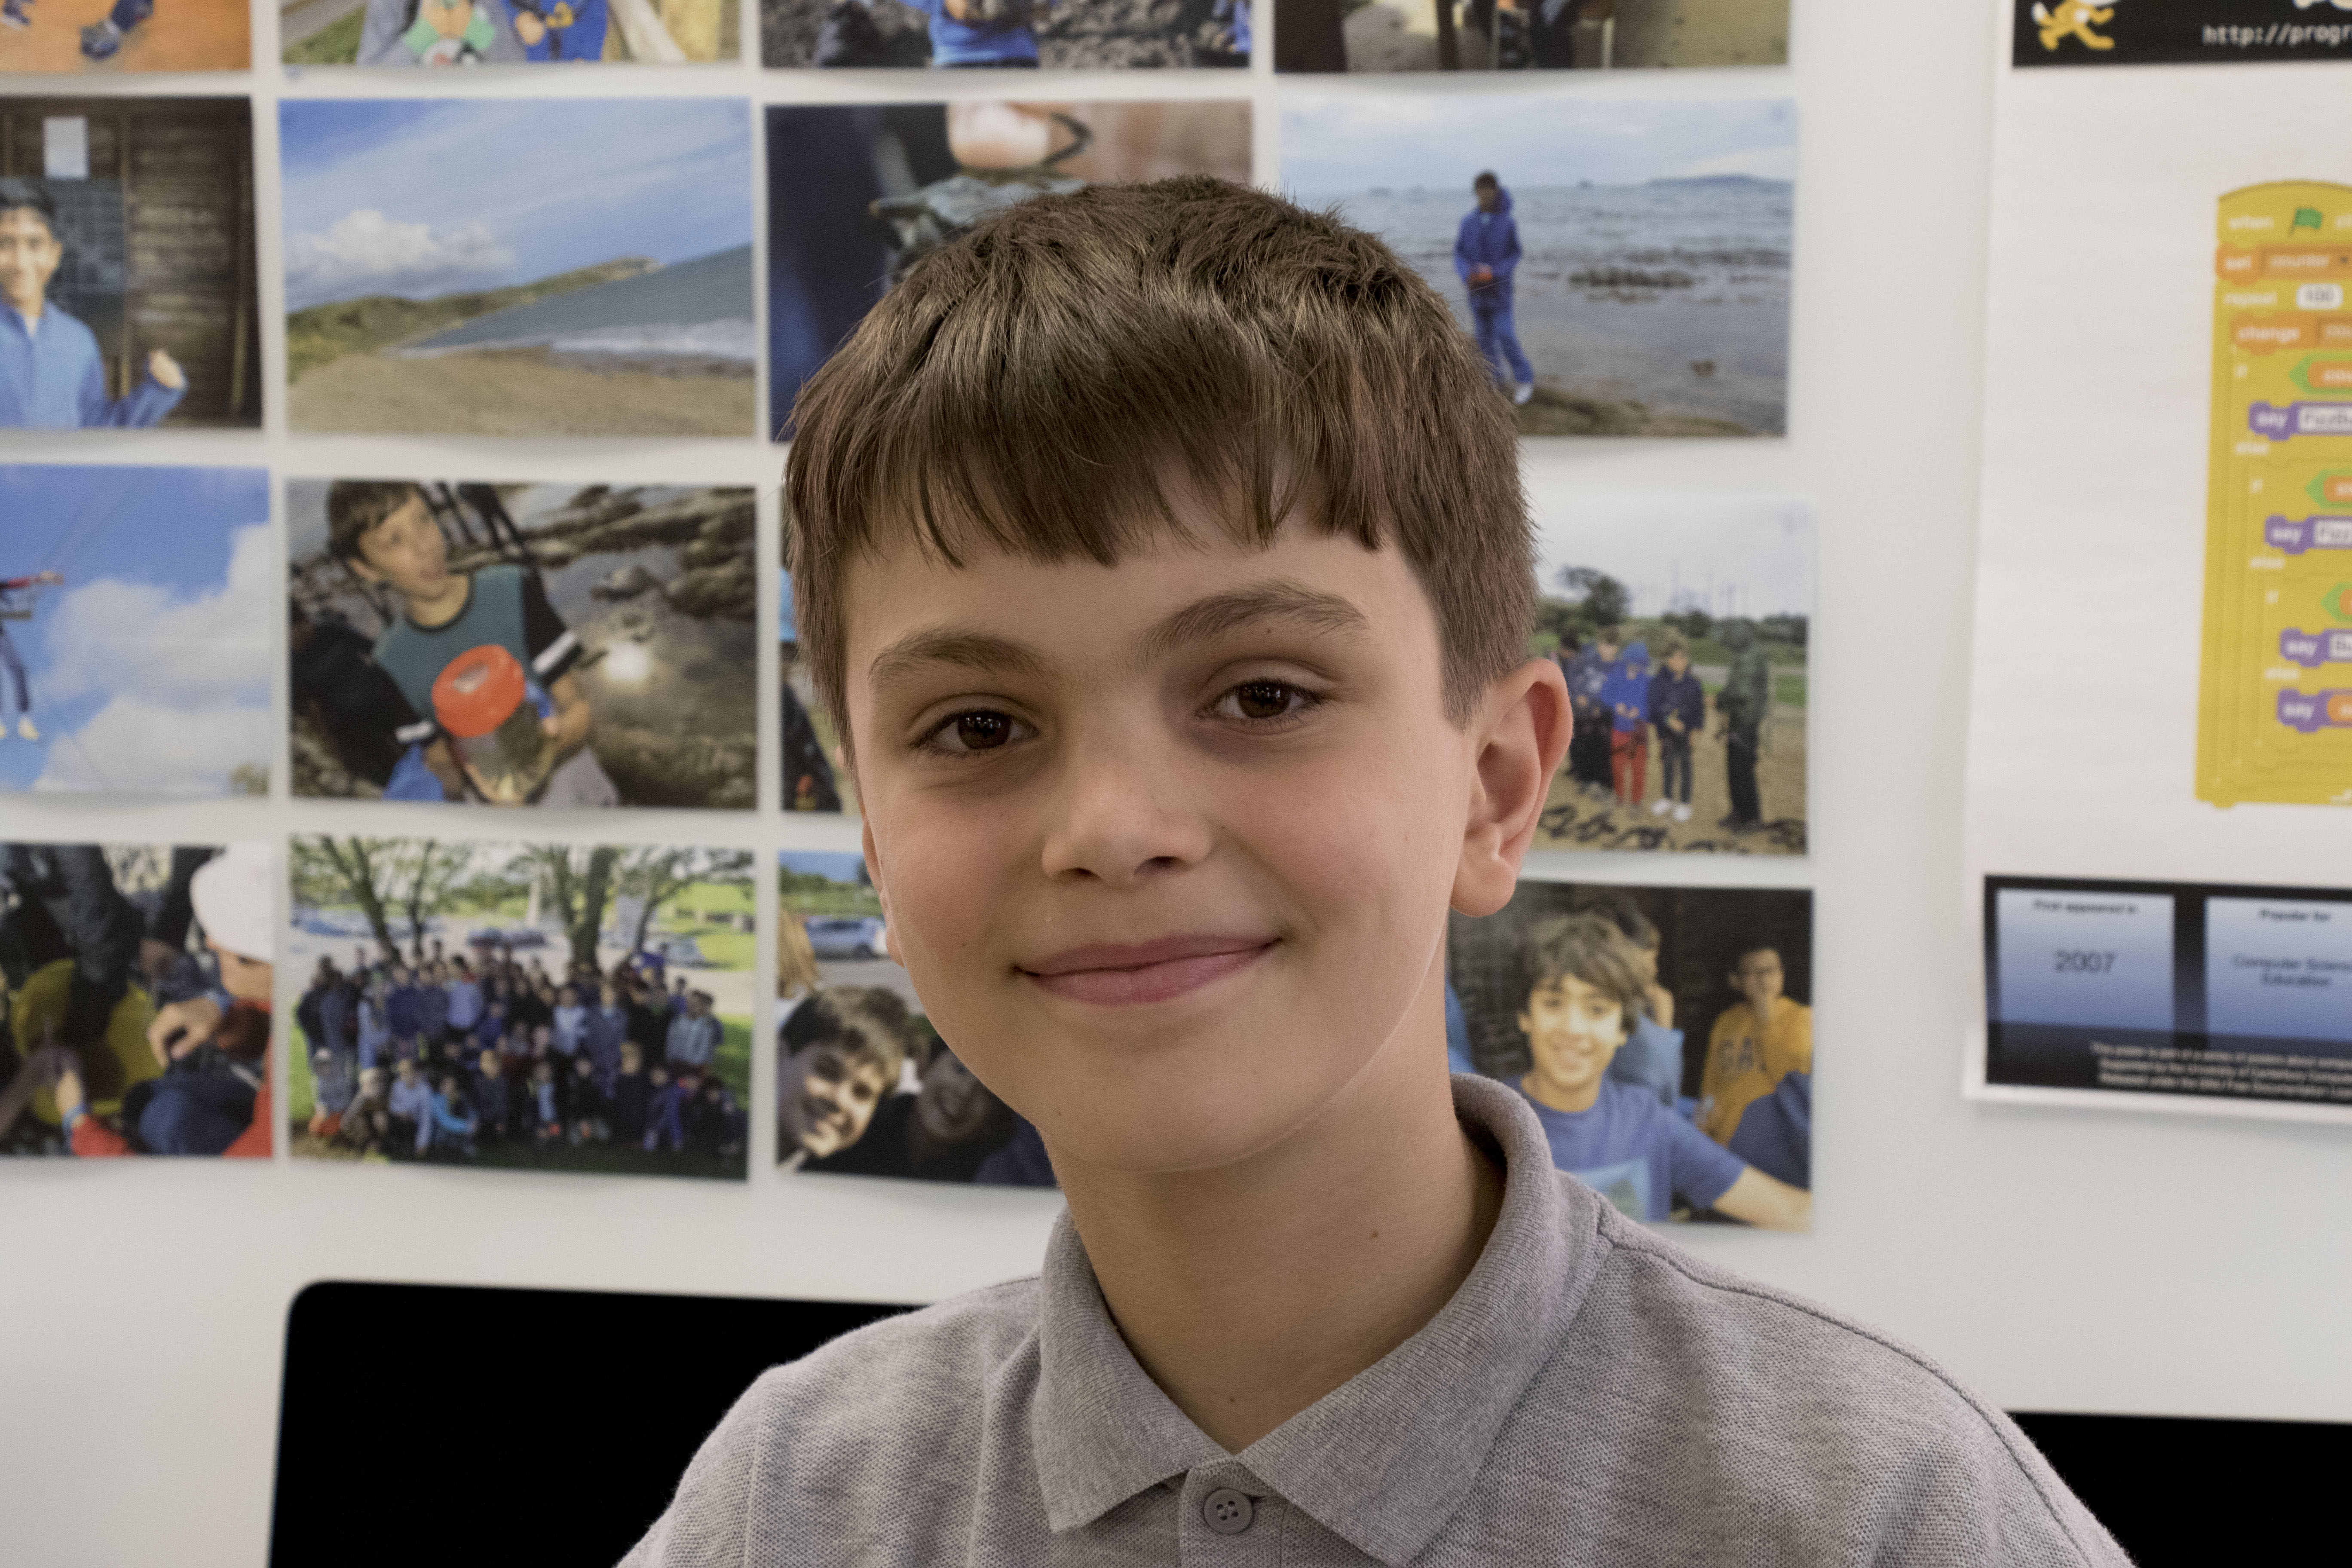 Robert, Aged 12